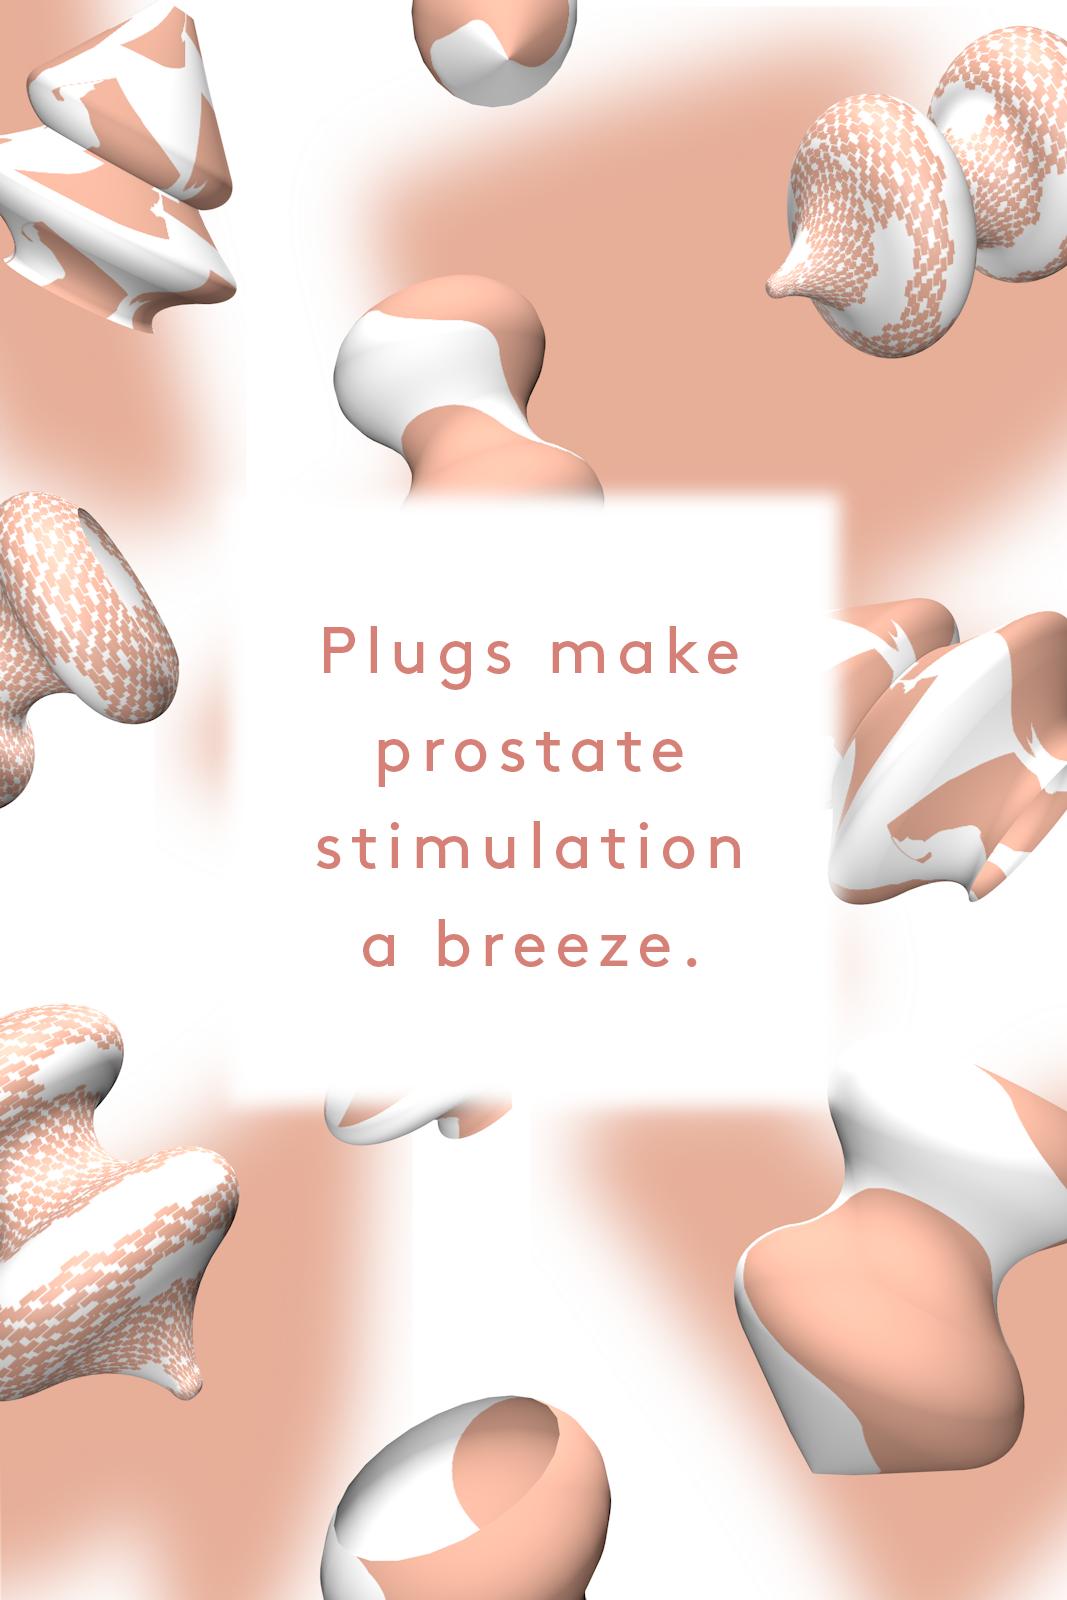 How do anal plugs work